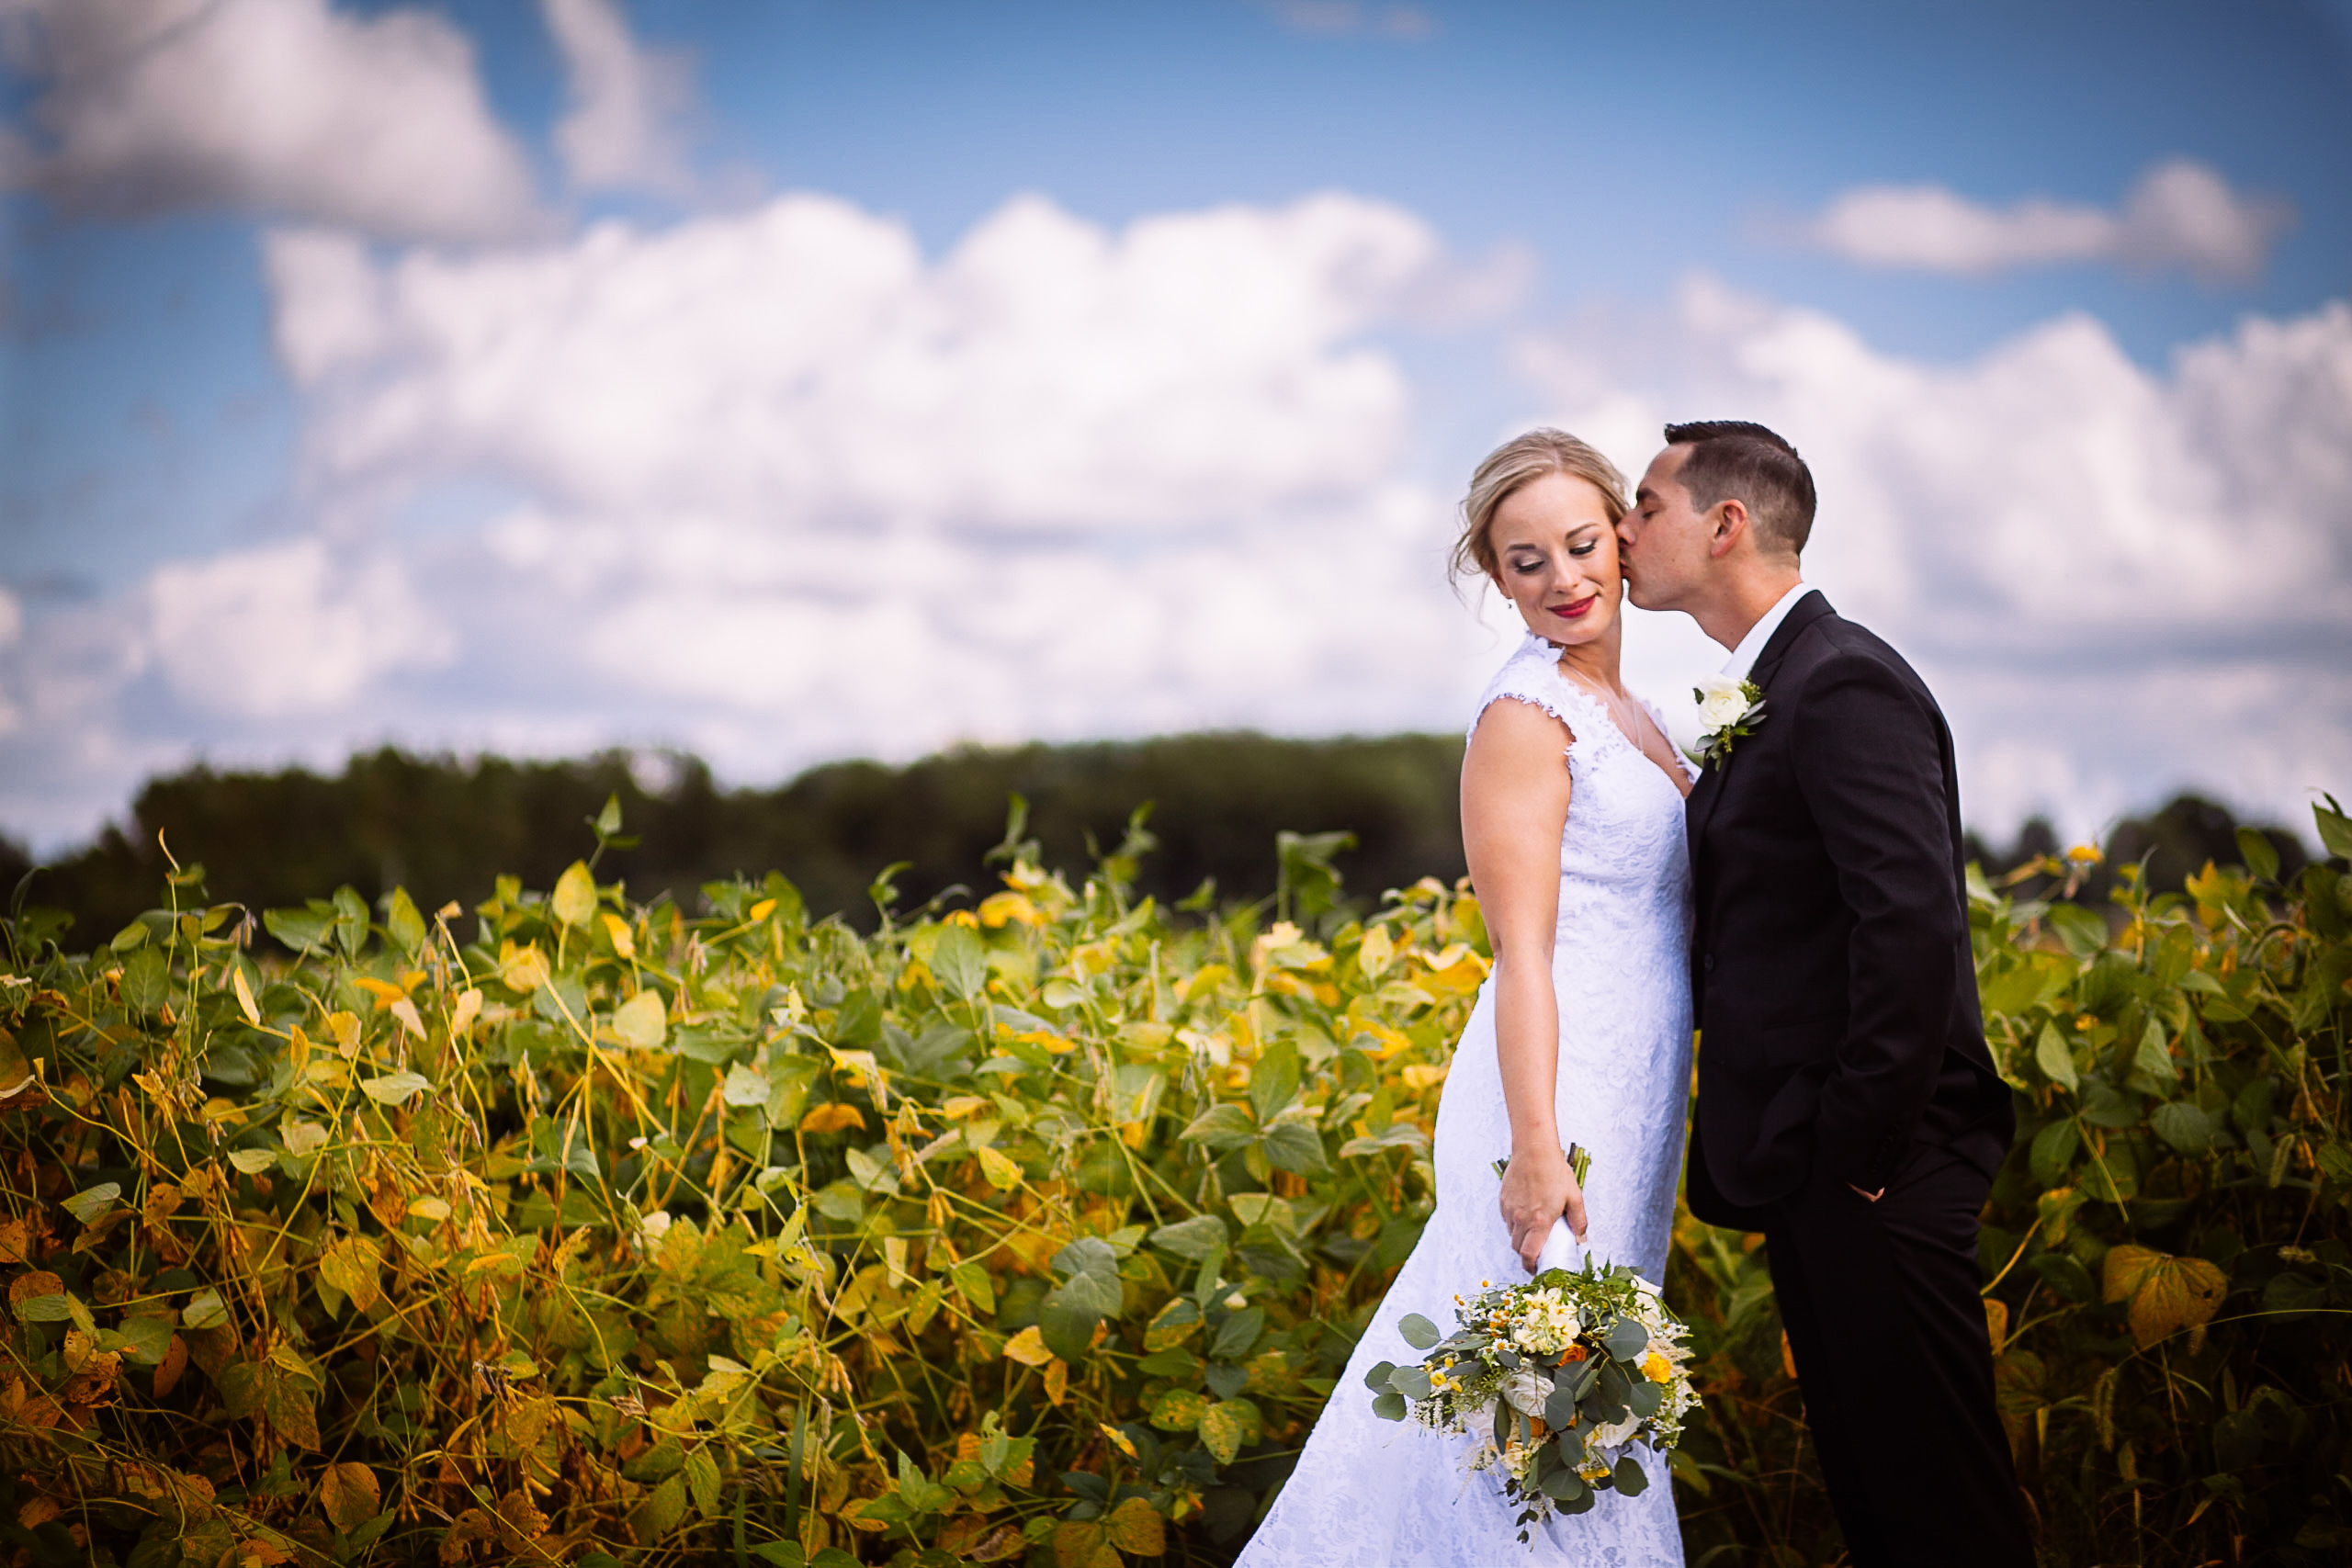 nwi wedding, nwi florist, Kaber